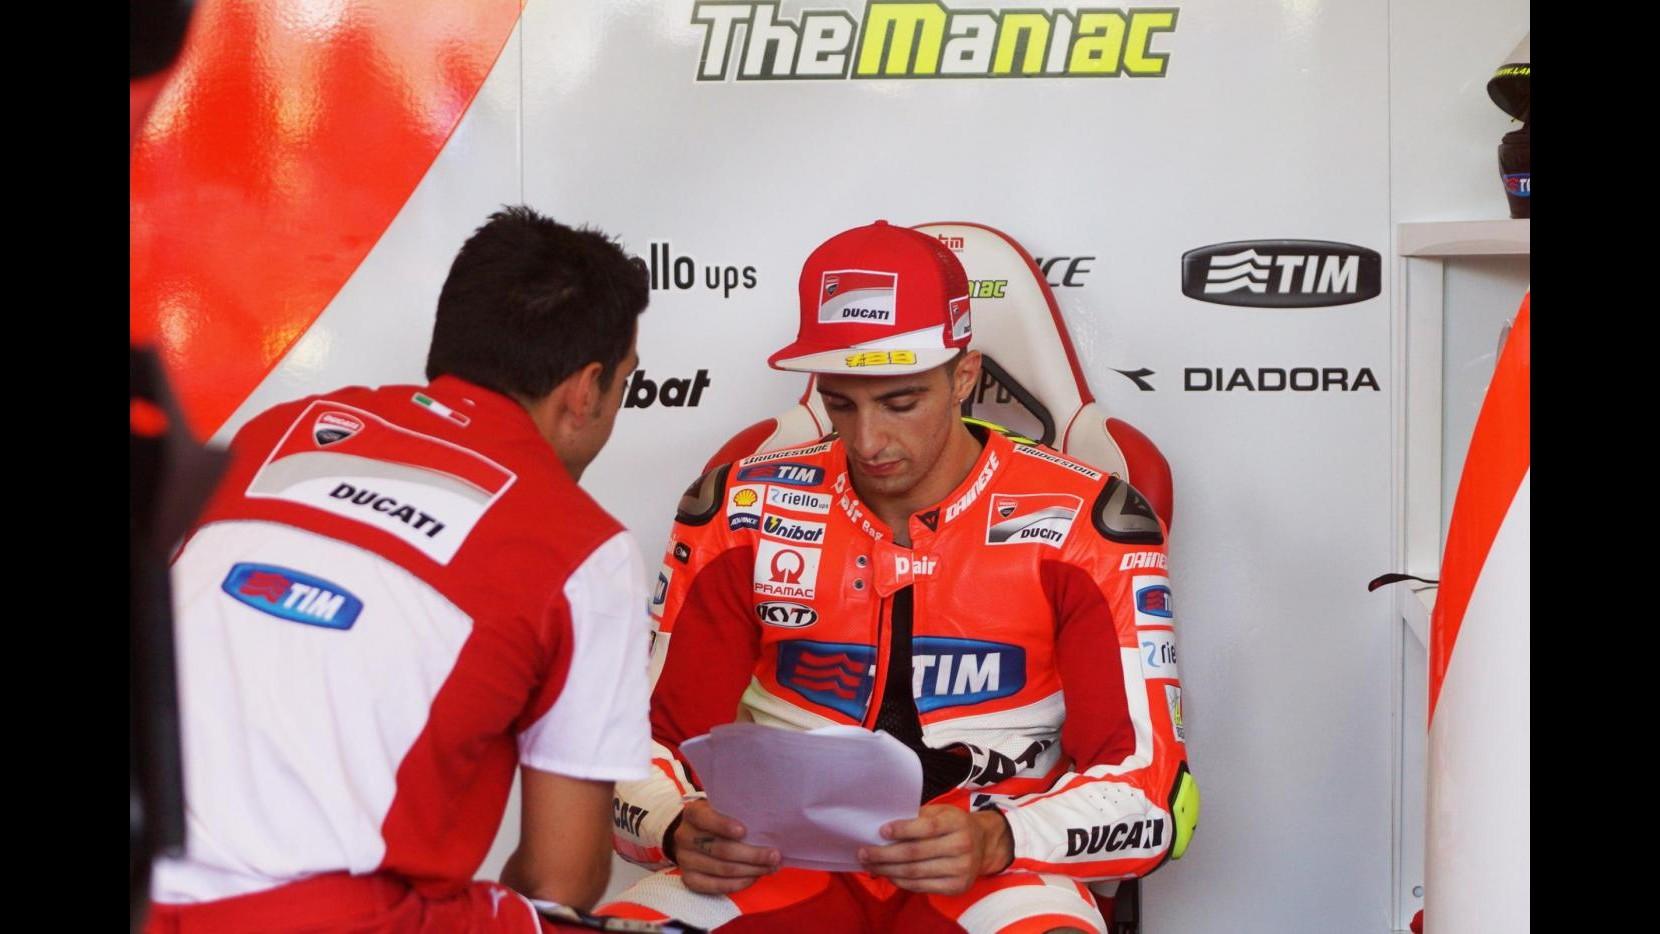 MotoGp, Iannone: Spero Valentino vinca Mondiale, io farò mia gara